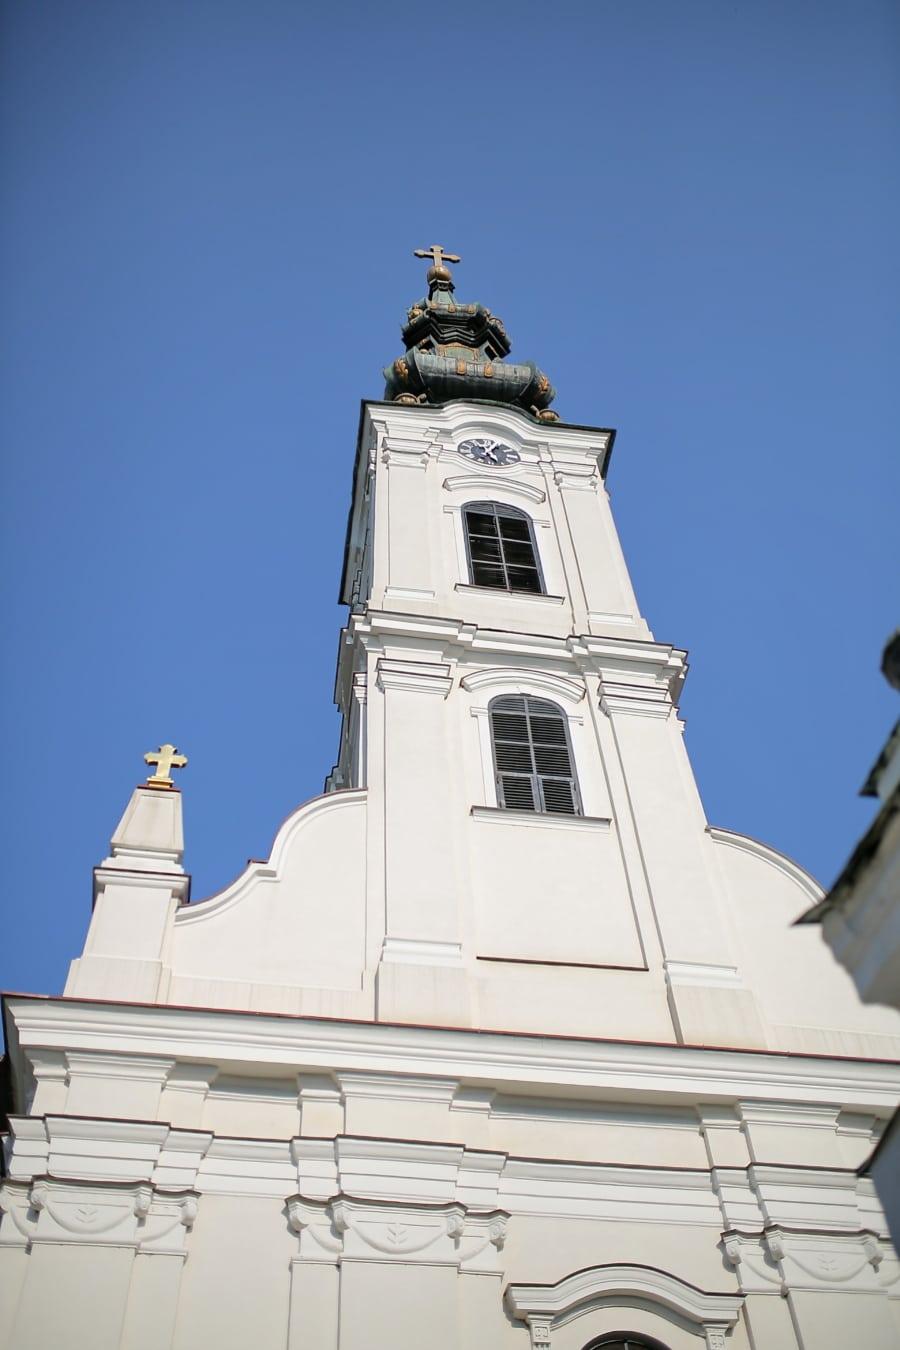 православна, християнството, църква, Църквата кула, Руски, Русия, сграда, структура, религия, купол